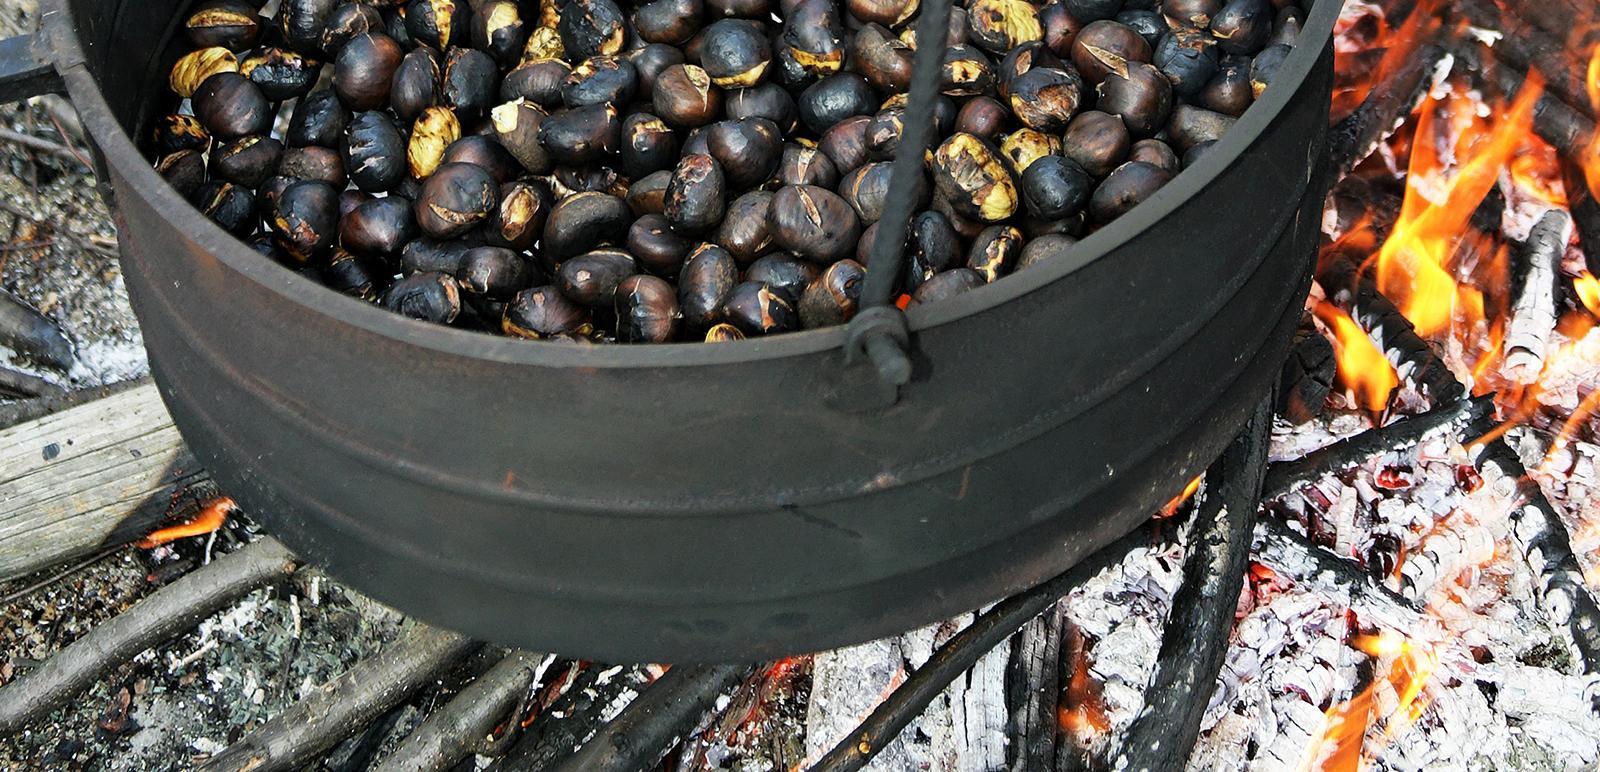 Kastanien oder besser Marroni über dem Feuer geröstet